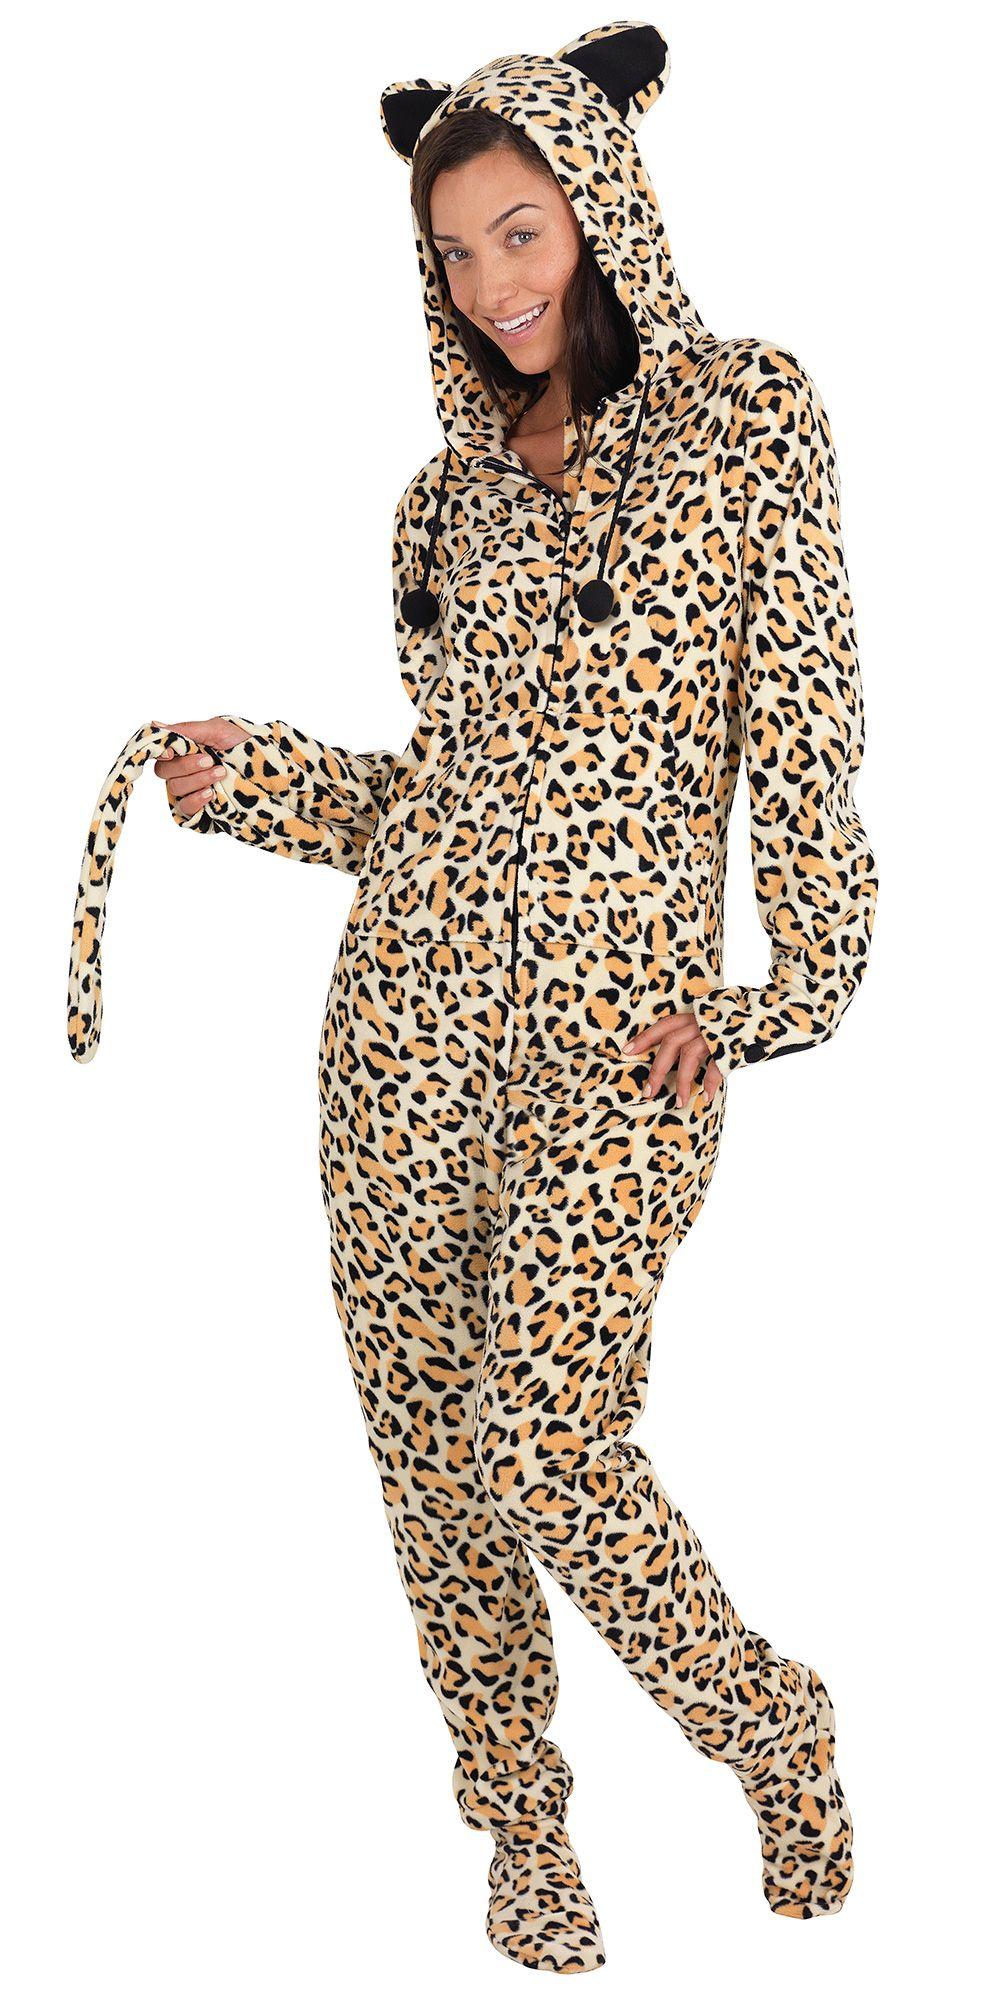 61365723f8 Wild Style Leopard Hoodie-Footie from PajamaGram.  79.99  HoodieFootie   Leopard  Pajamas